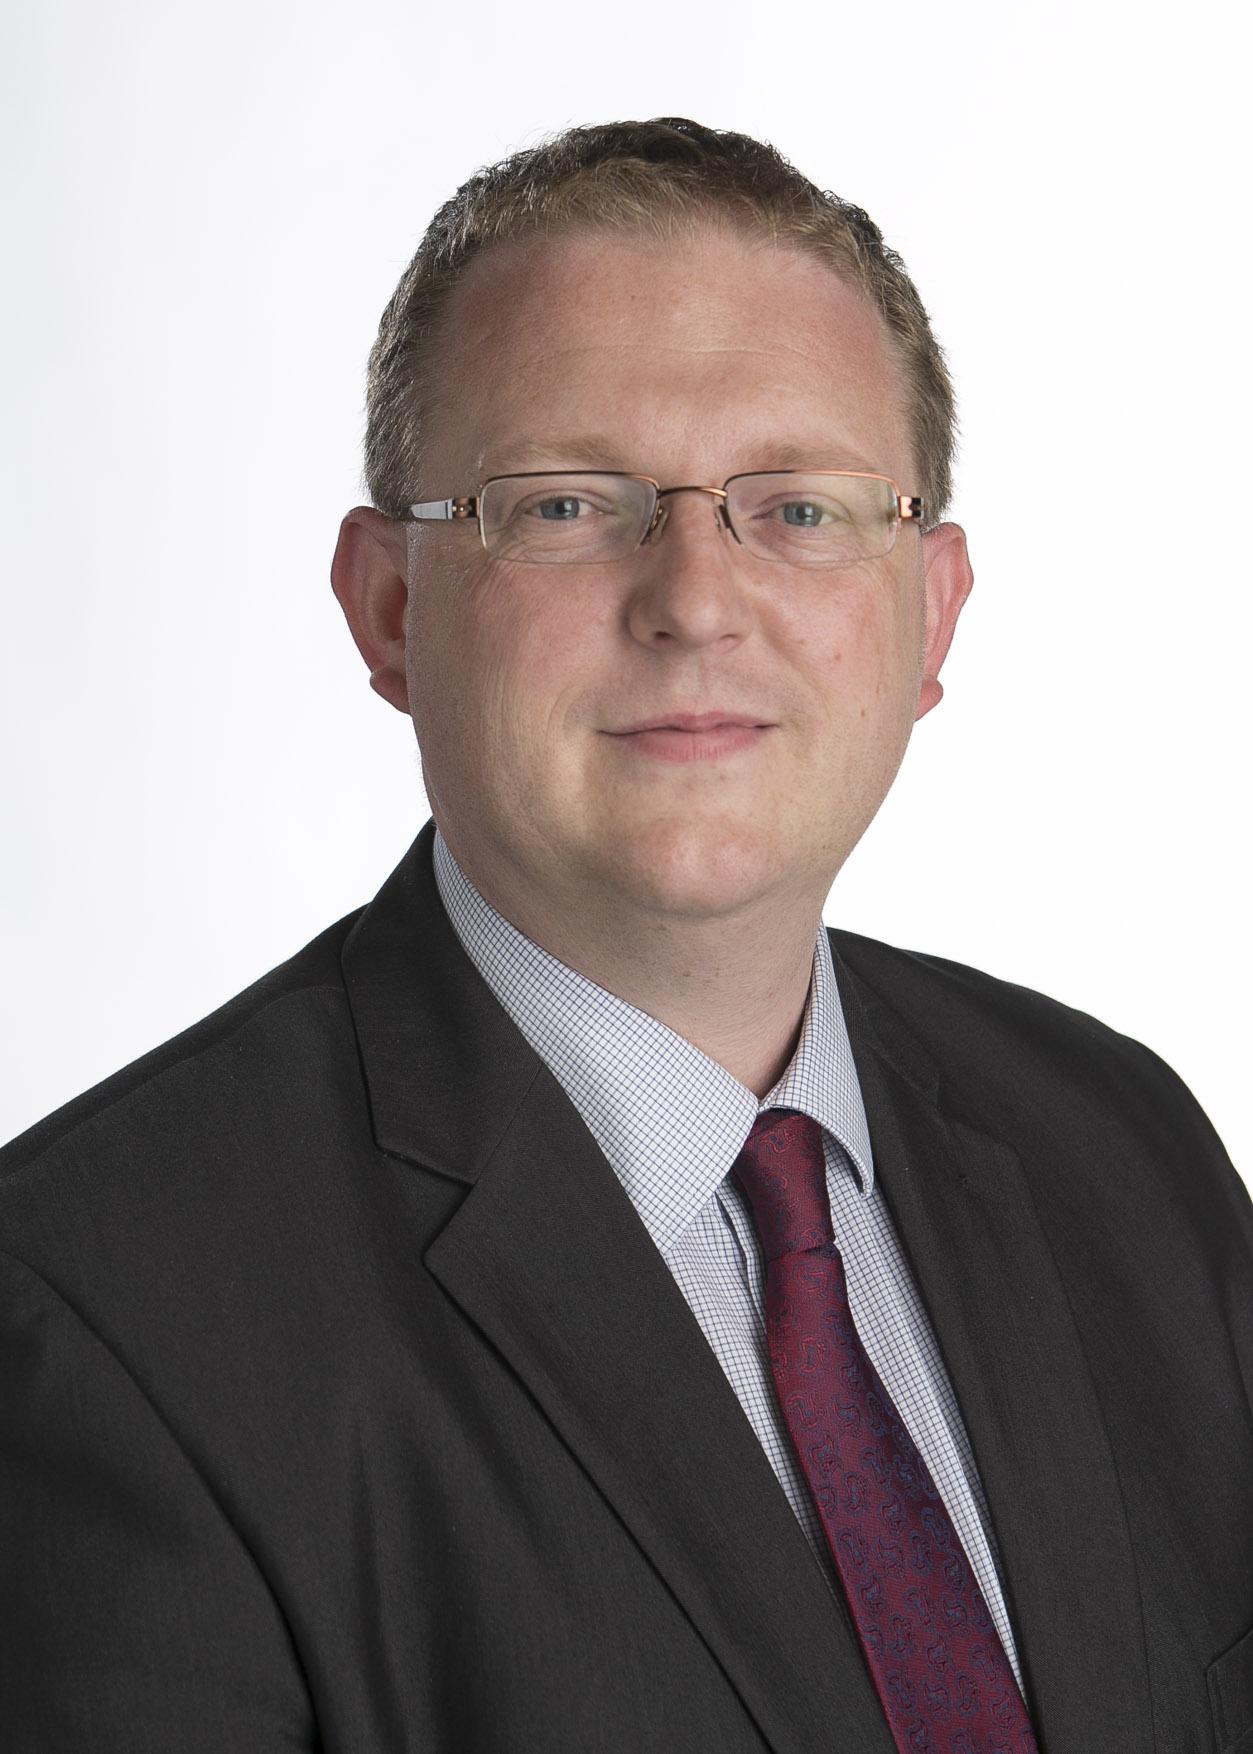 Dr Seamus Anthony O'Mahony